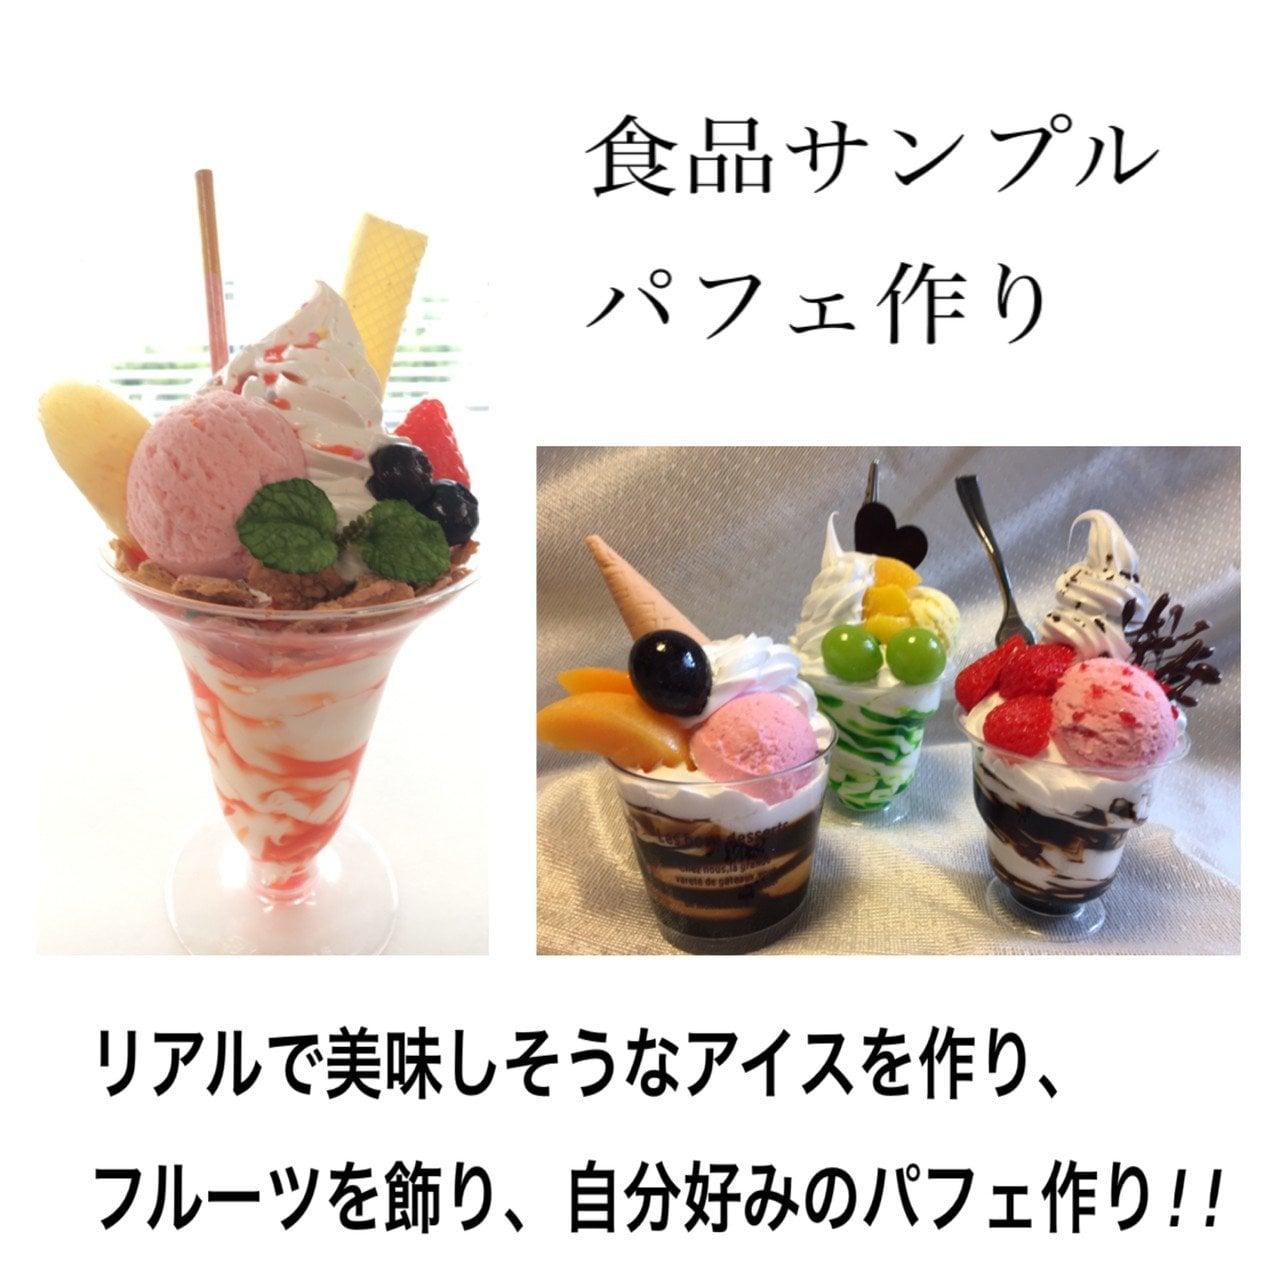 【1day体験】食品サンプル フルーツパフェ作りのイメージその1